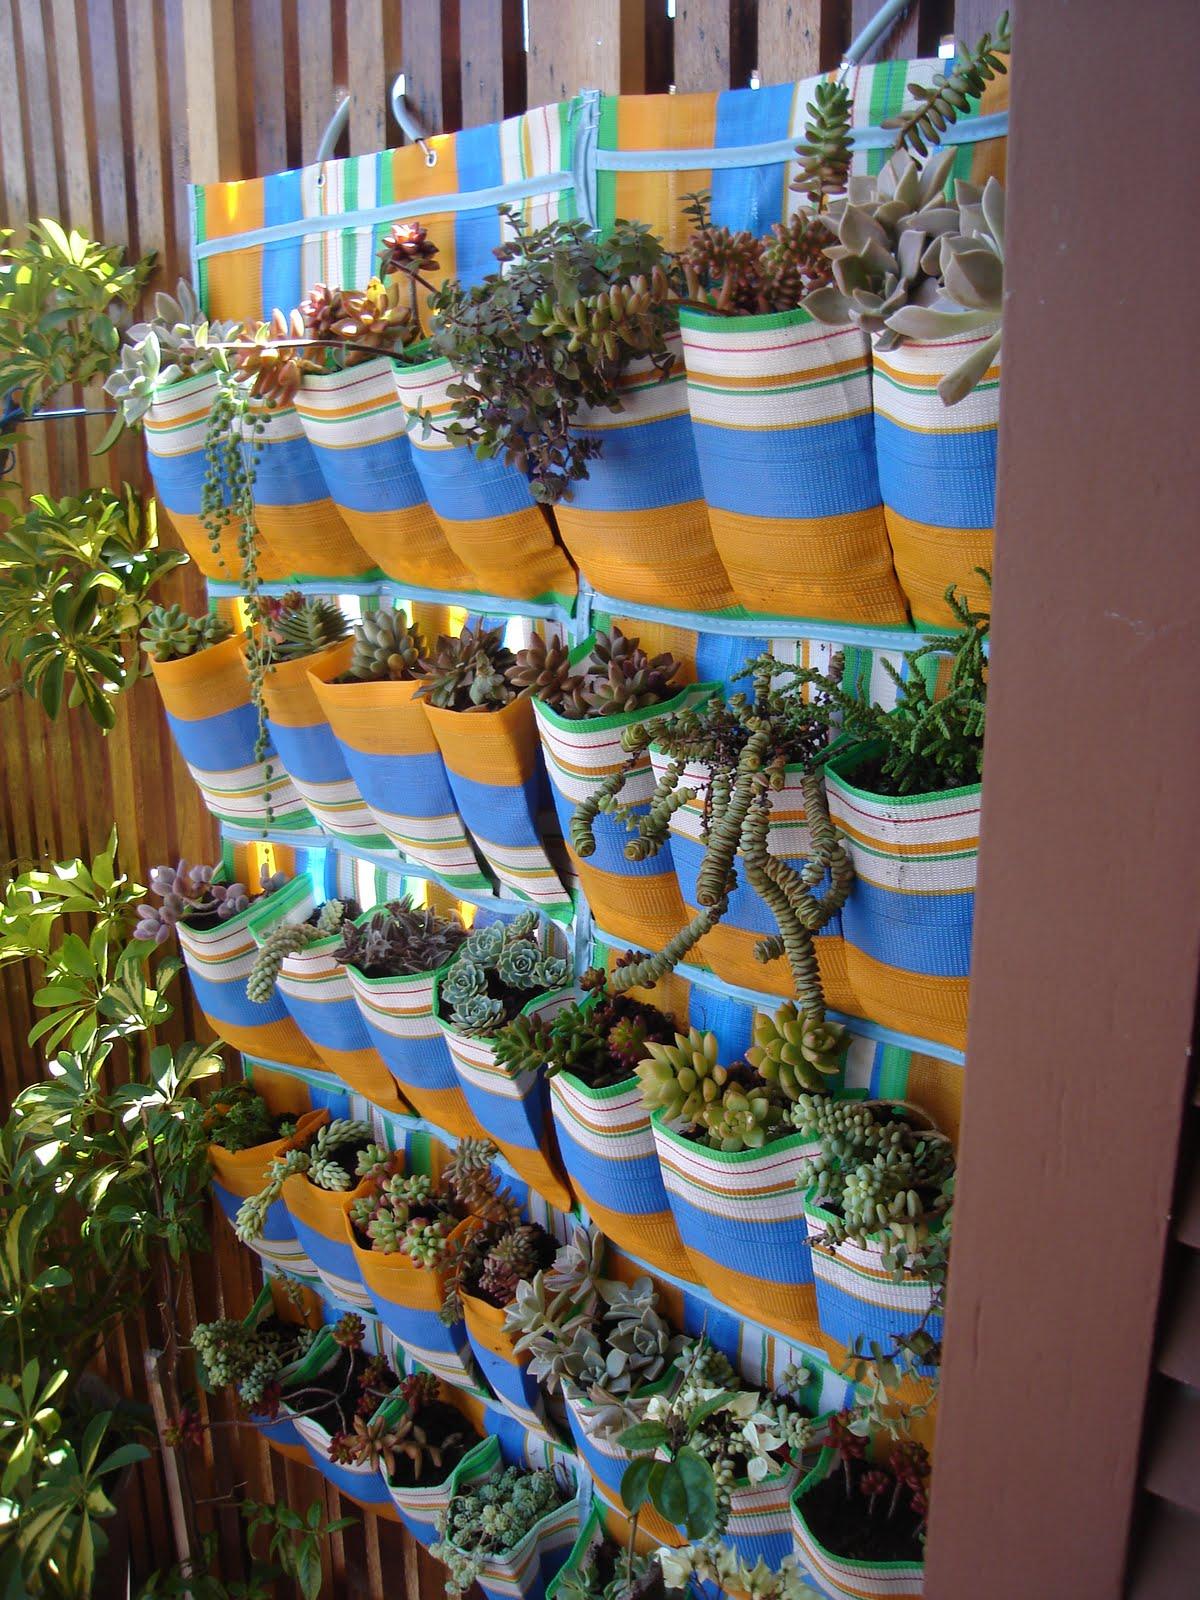 fazer jardim vertical garrafa pet:ma escada de madeira velha ou bambu, barbantes e latas de todas as